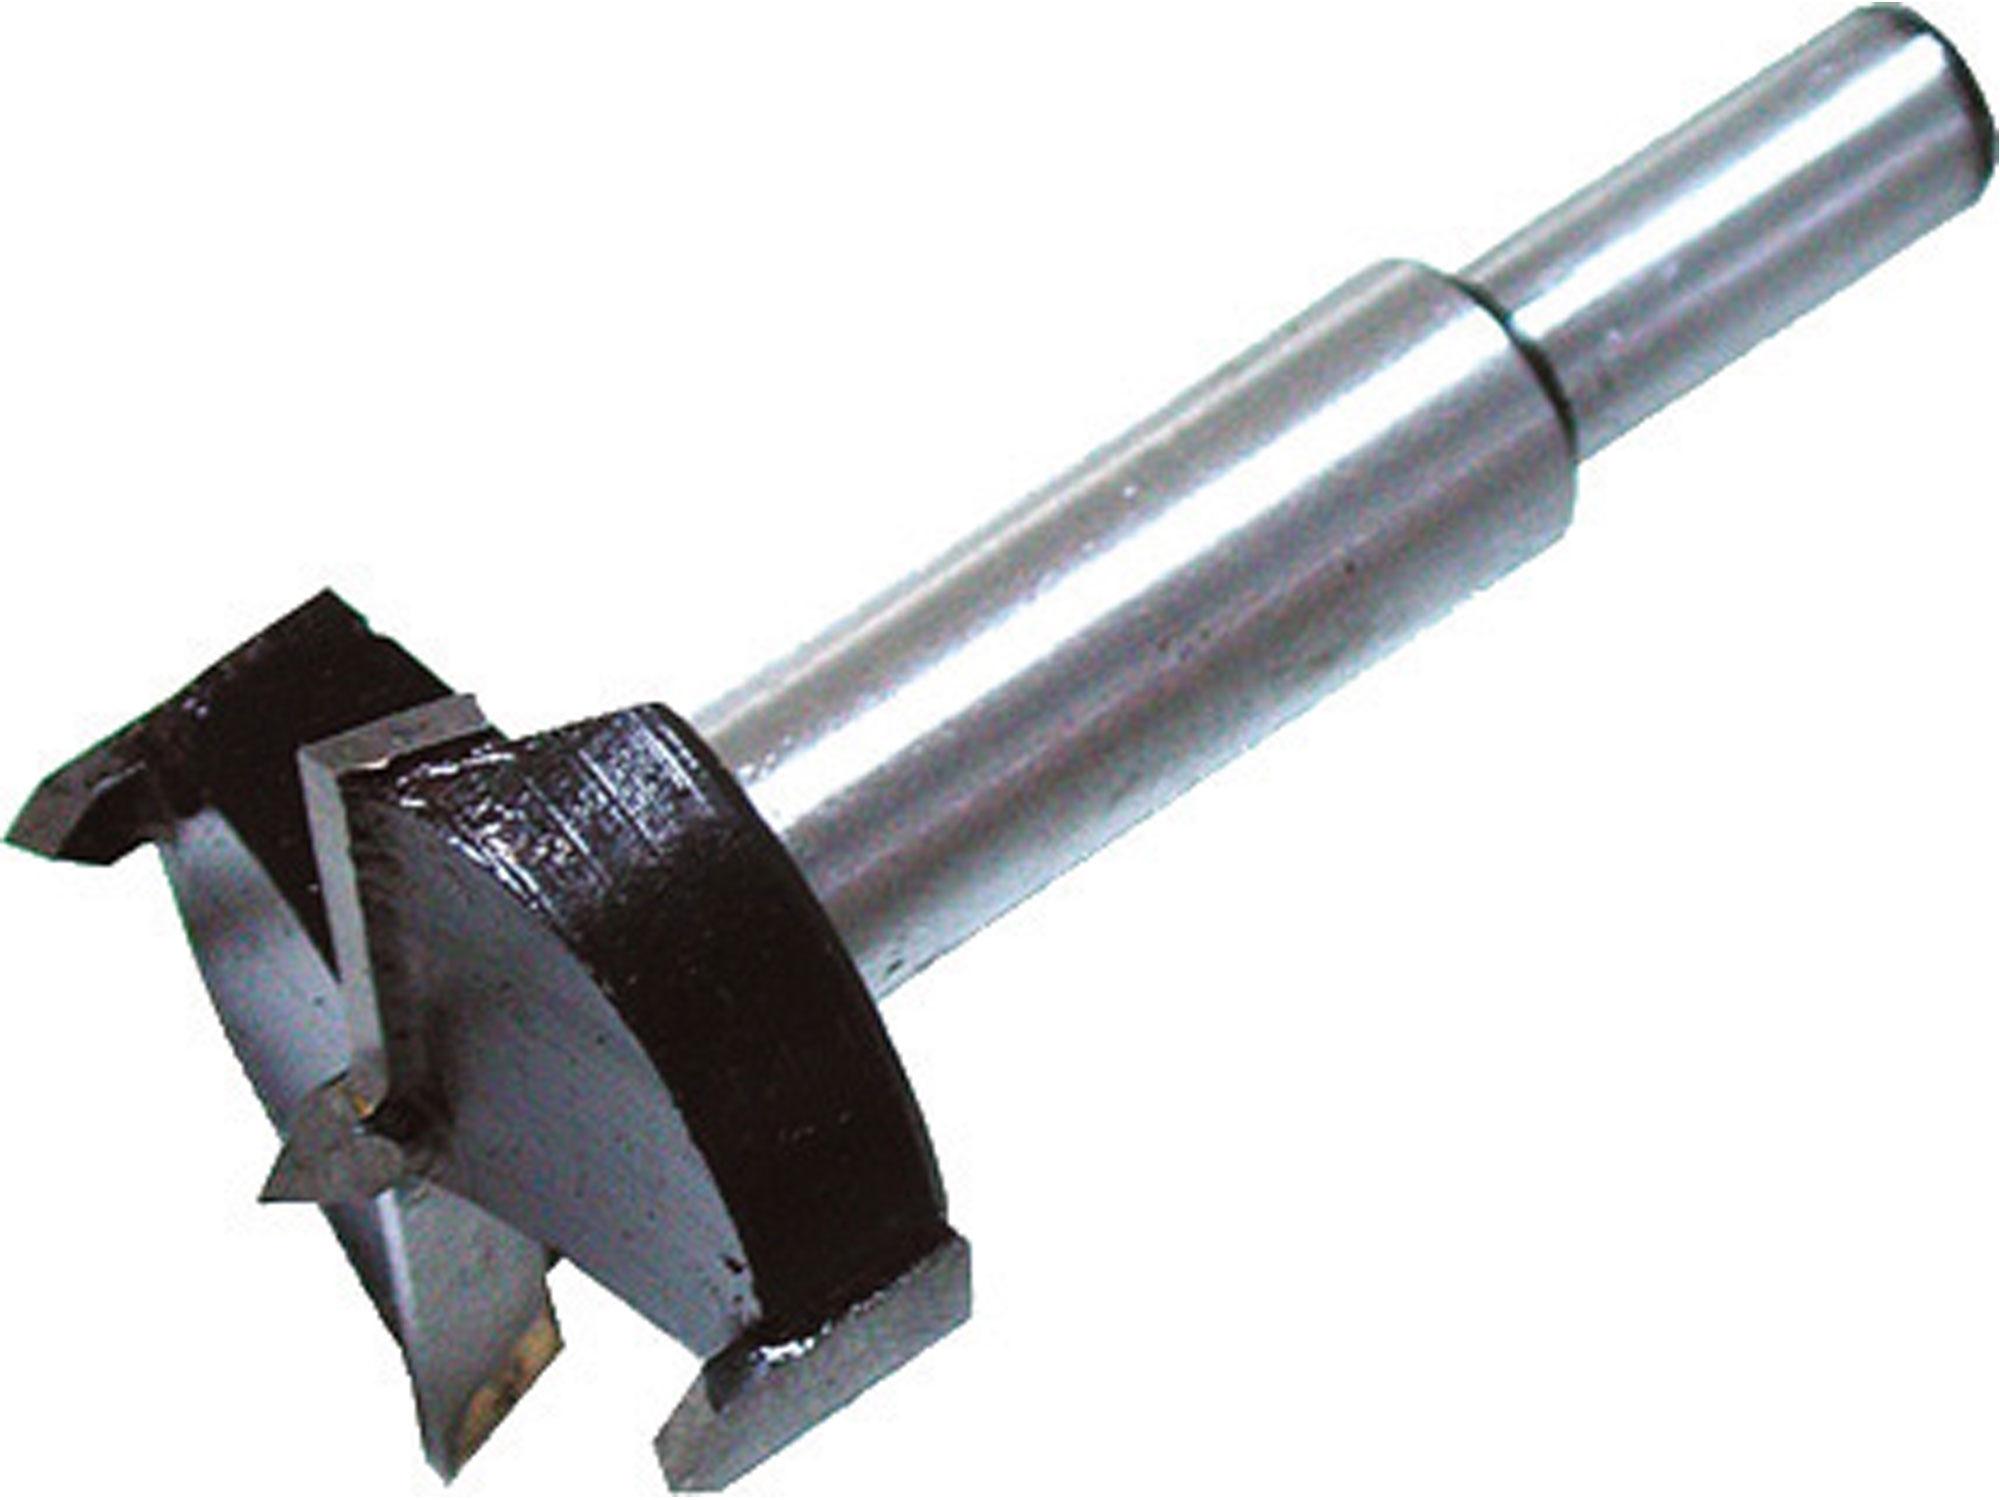 fréza čelní-sukovník, do dřeva s SK plátky, ?35mm, EXTOL CRAFT 45014